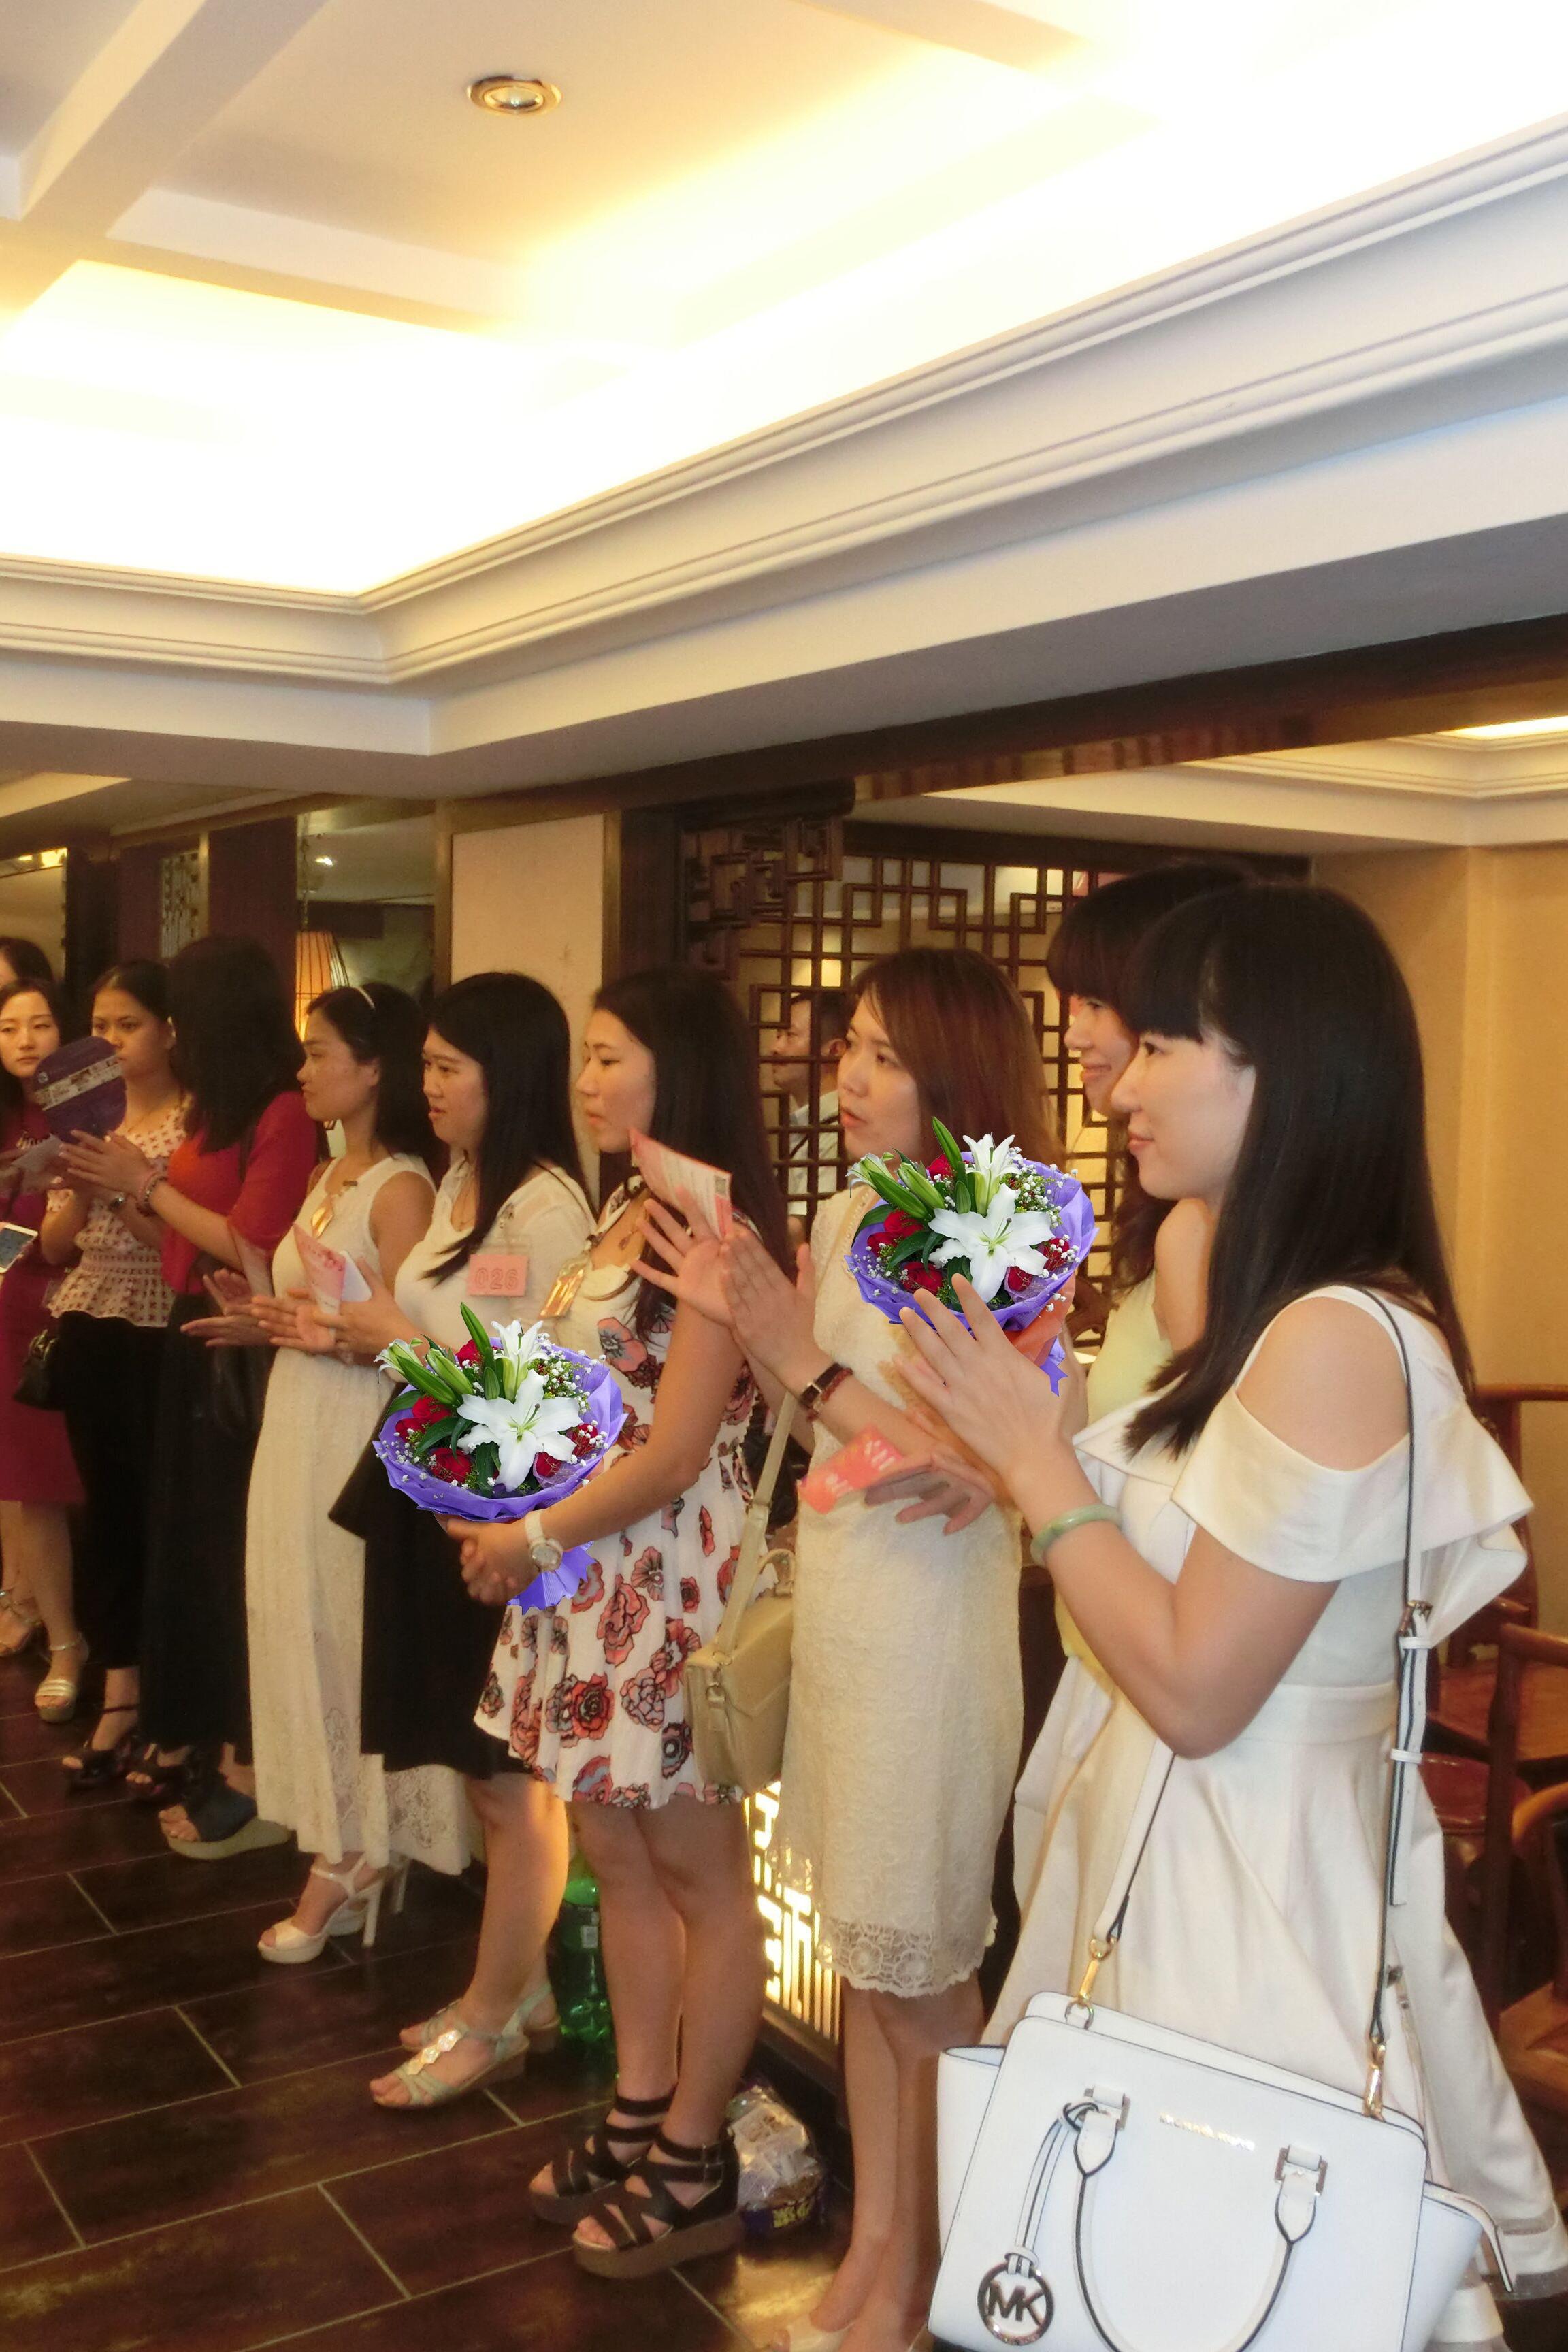 4月17号深圳高品质大型单身相亲交友活动